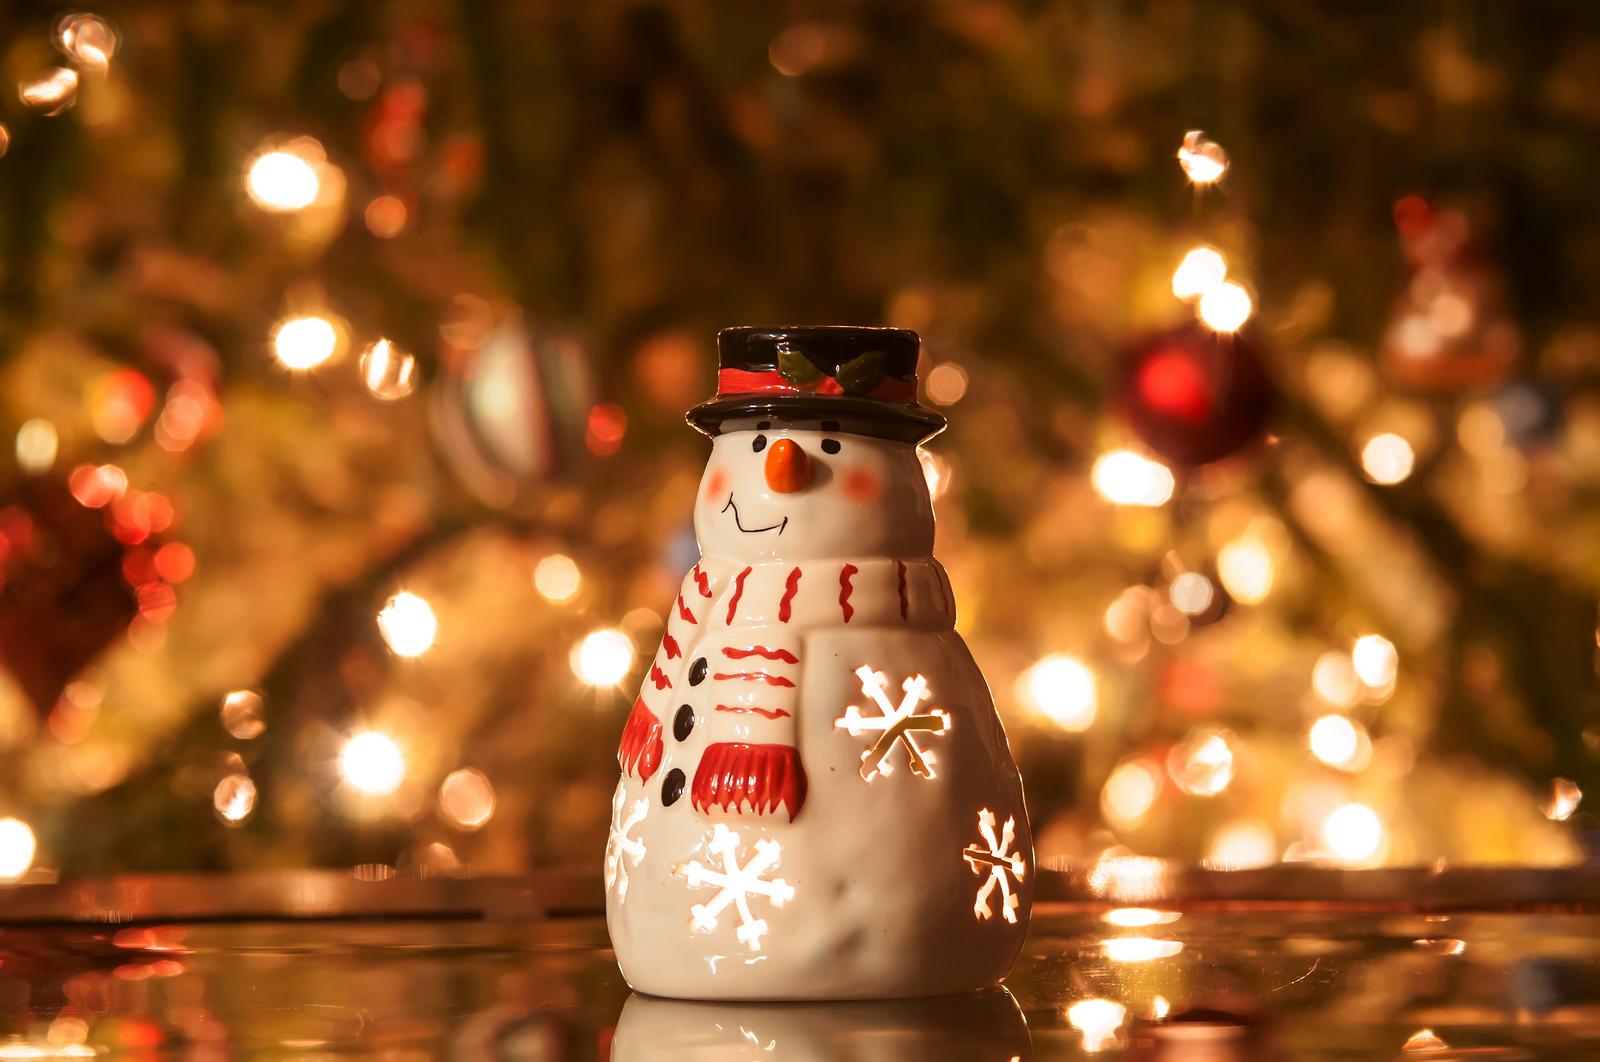 Miről szól a Karácsony valójában? Dávid megható története